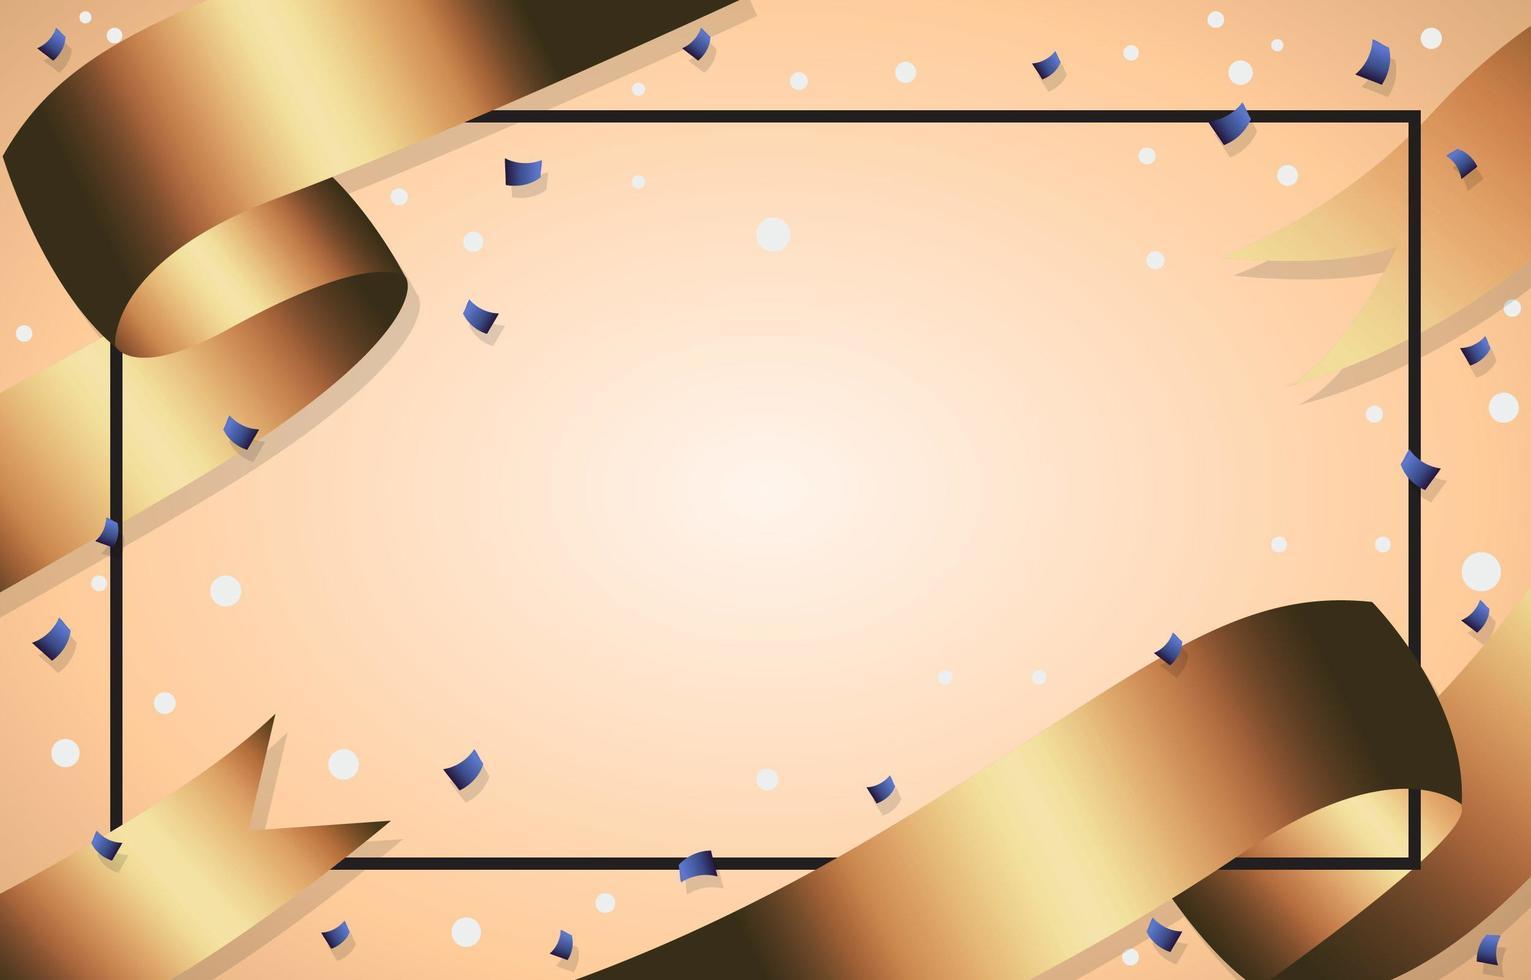 Luxus Goldbänder Hintergrund vektor